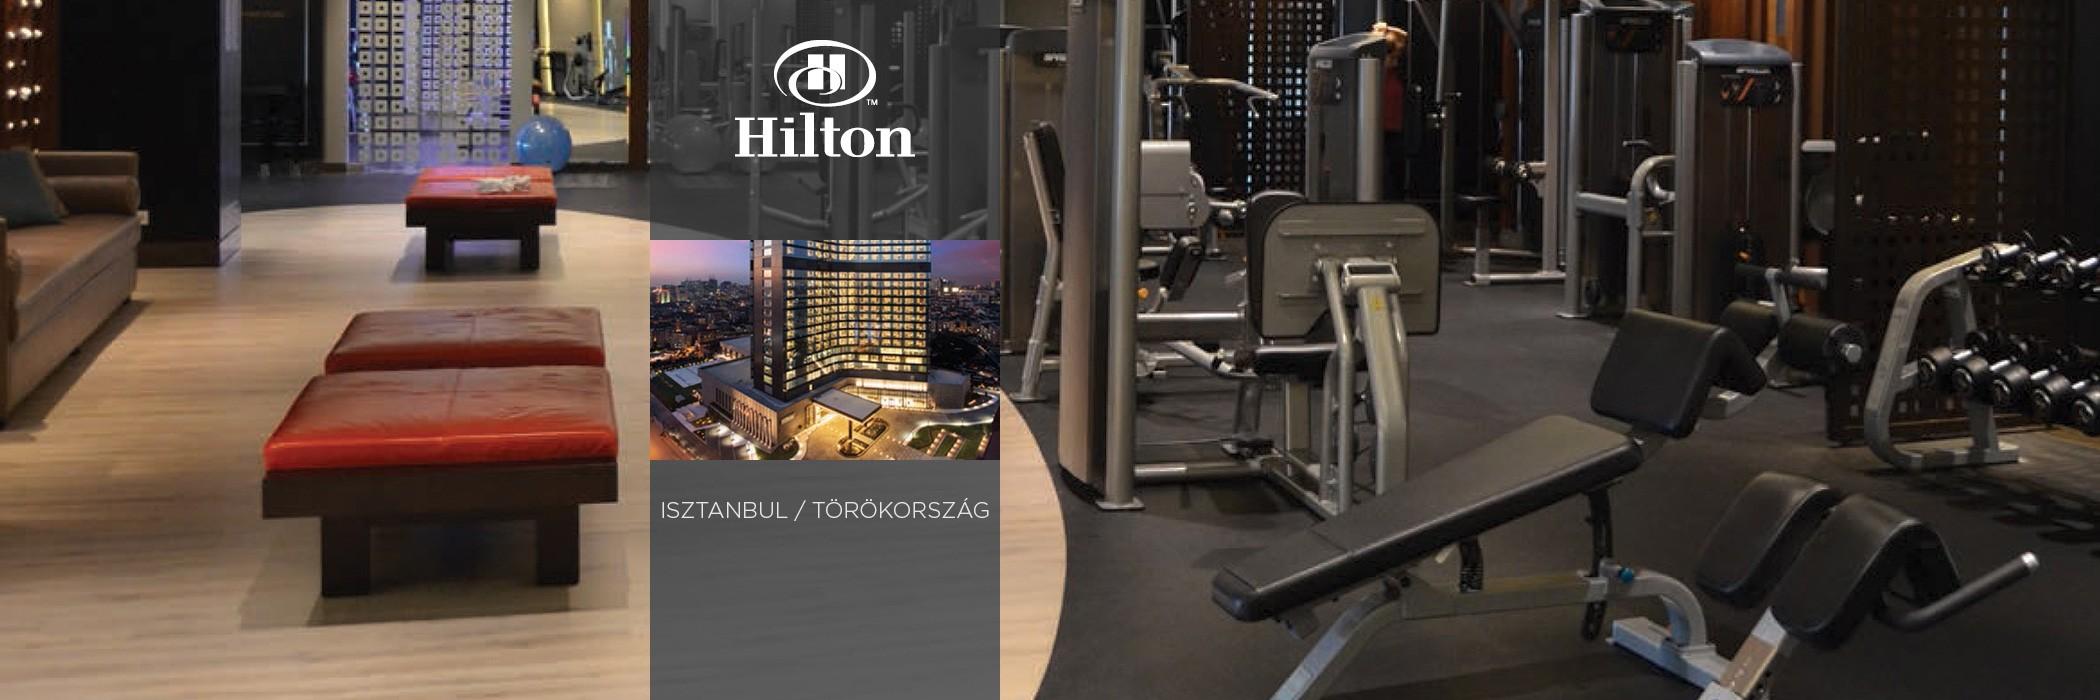 Hilton - Isztanbul / Törökország